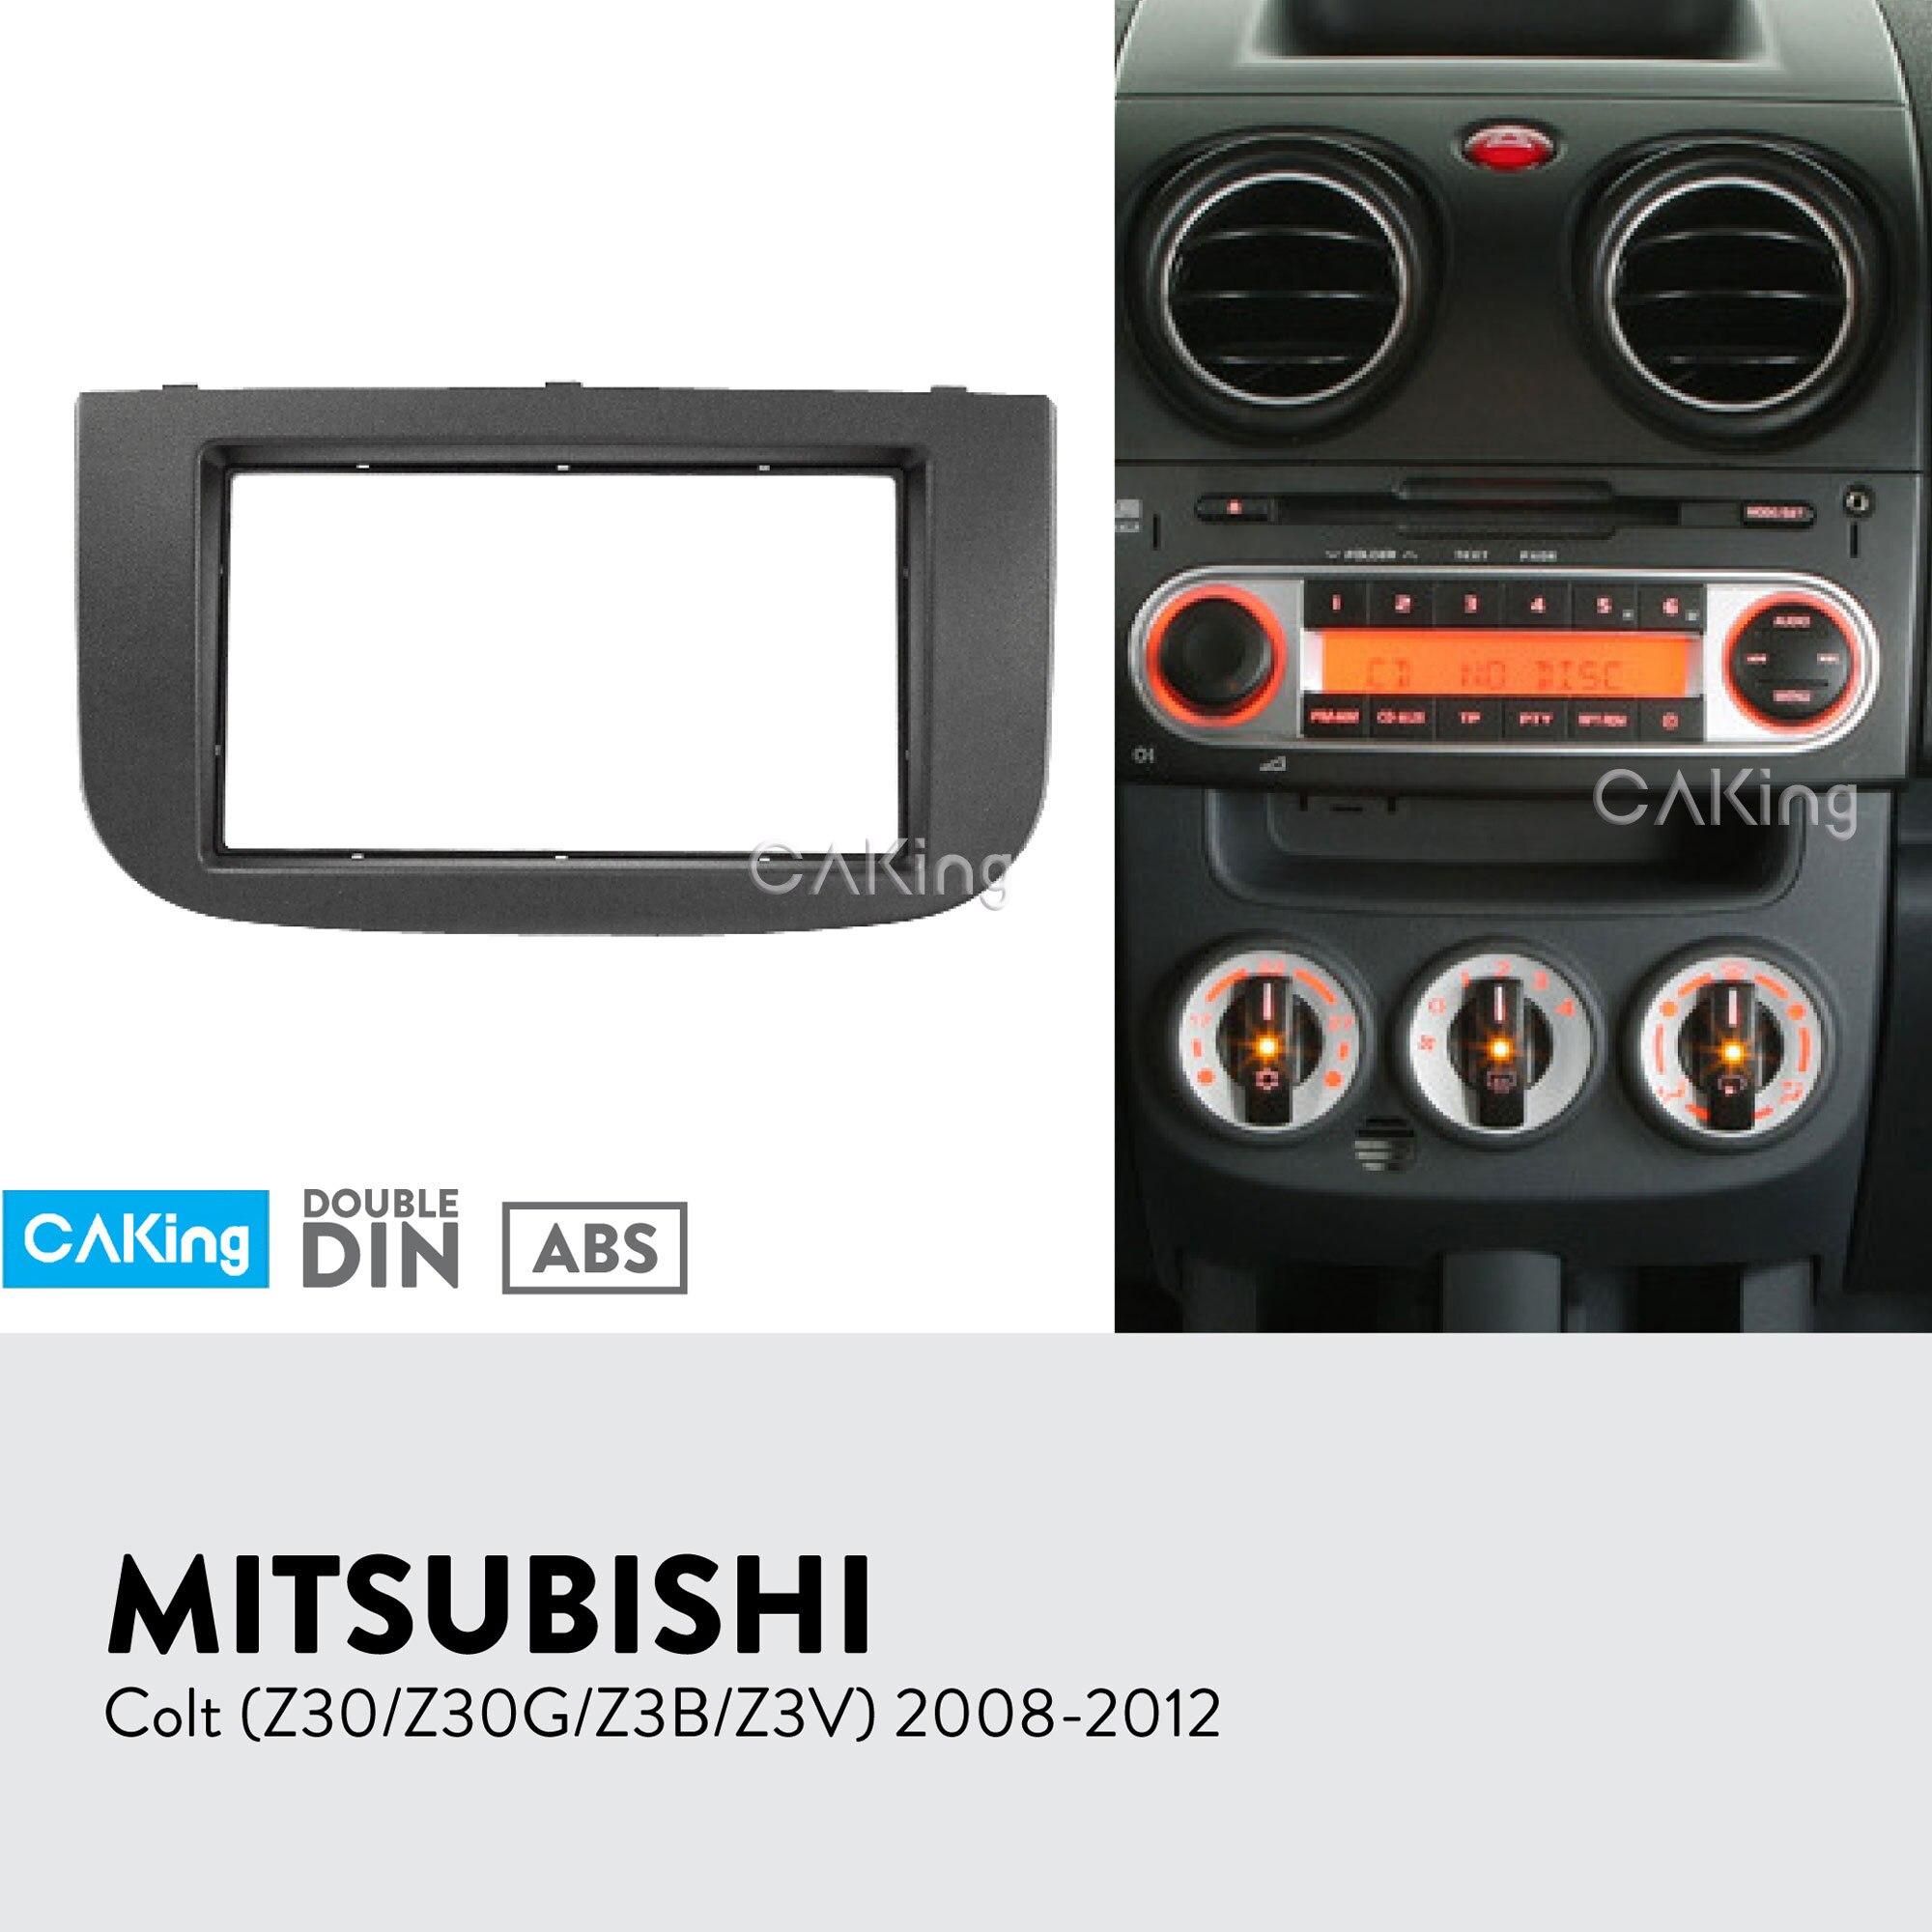 Car Fascia Radio Panel for MITSUBISHI Colt Z30 Z30G Z3B Z3V 2008 2012 Dash Kit Install